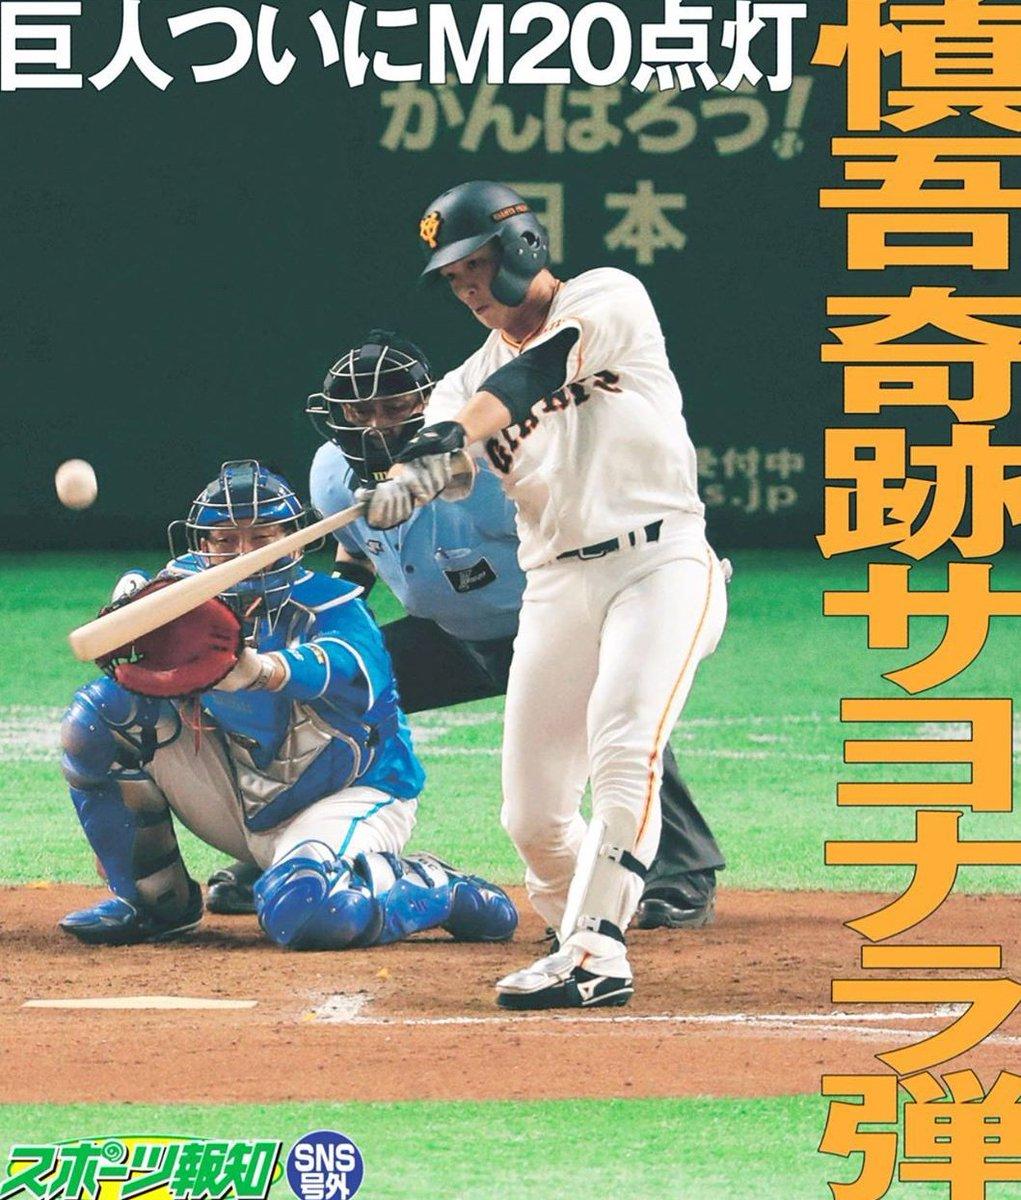 巨人・石川慎吾自身初のサヨナラホームラン本人は「奇跡」とコメントしたが、インパクトの瞬間の写真が示す通りの完璧なスイングでダイナマイト弾が右中間スタンドに飛び込んだ